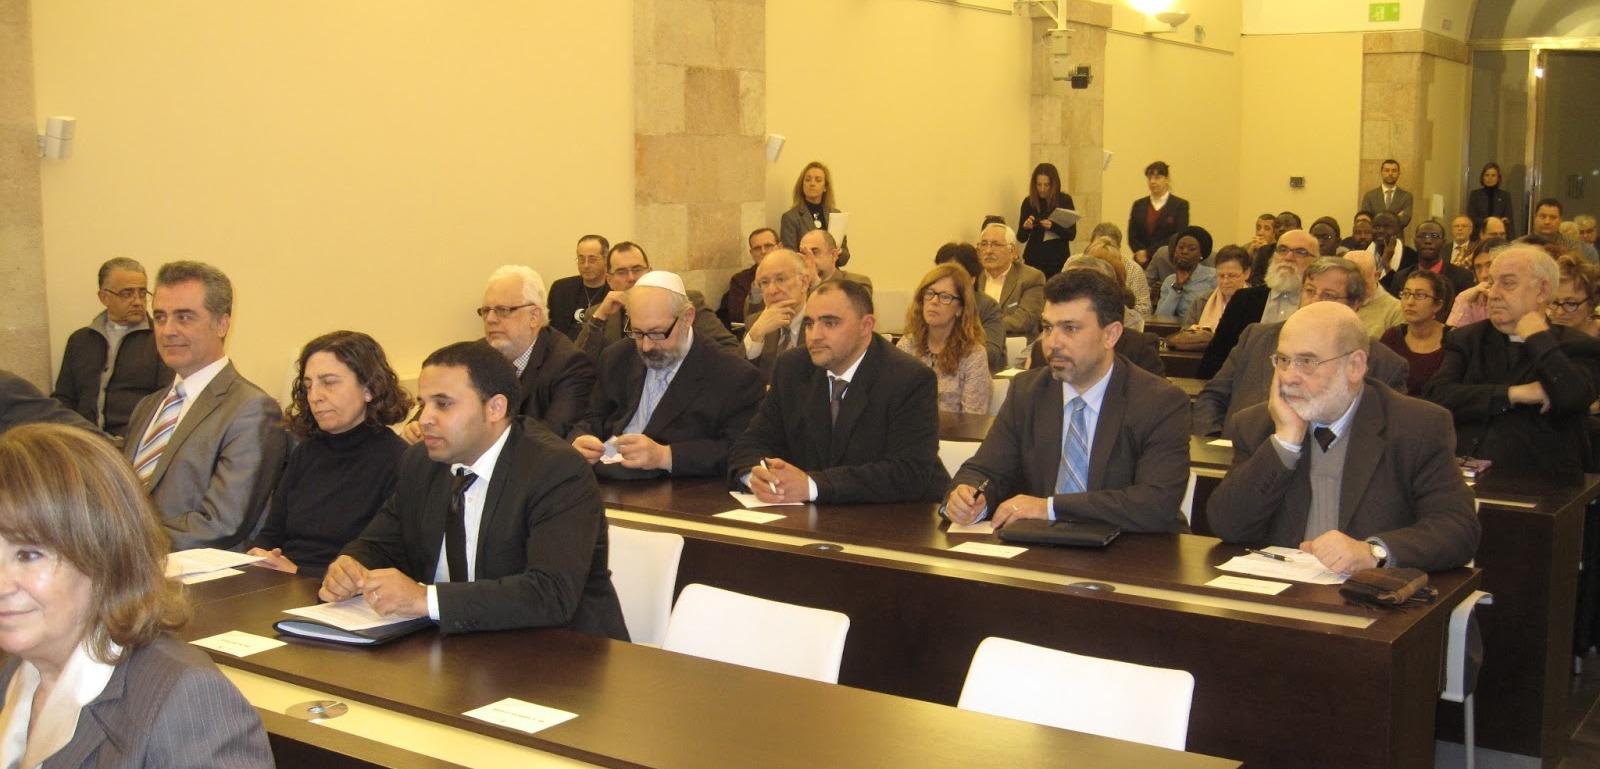 El Parlamento de Cataluña y el diálogo interreligioso